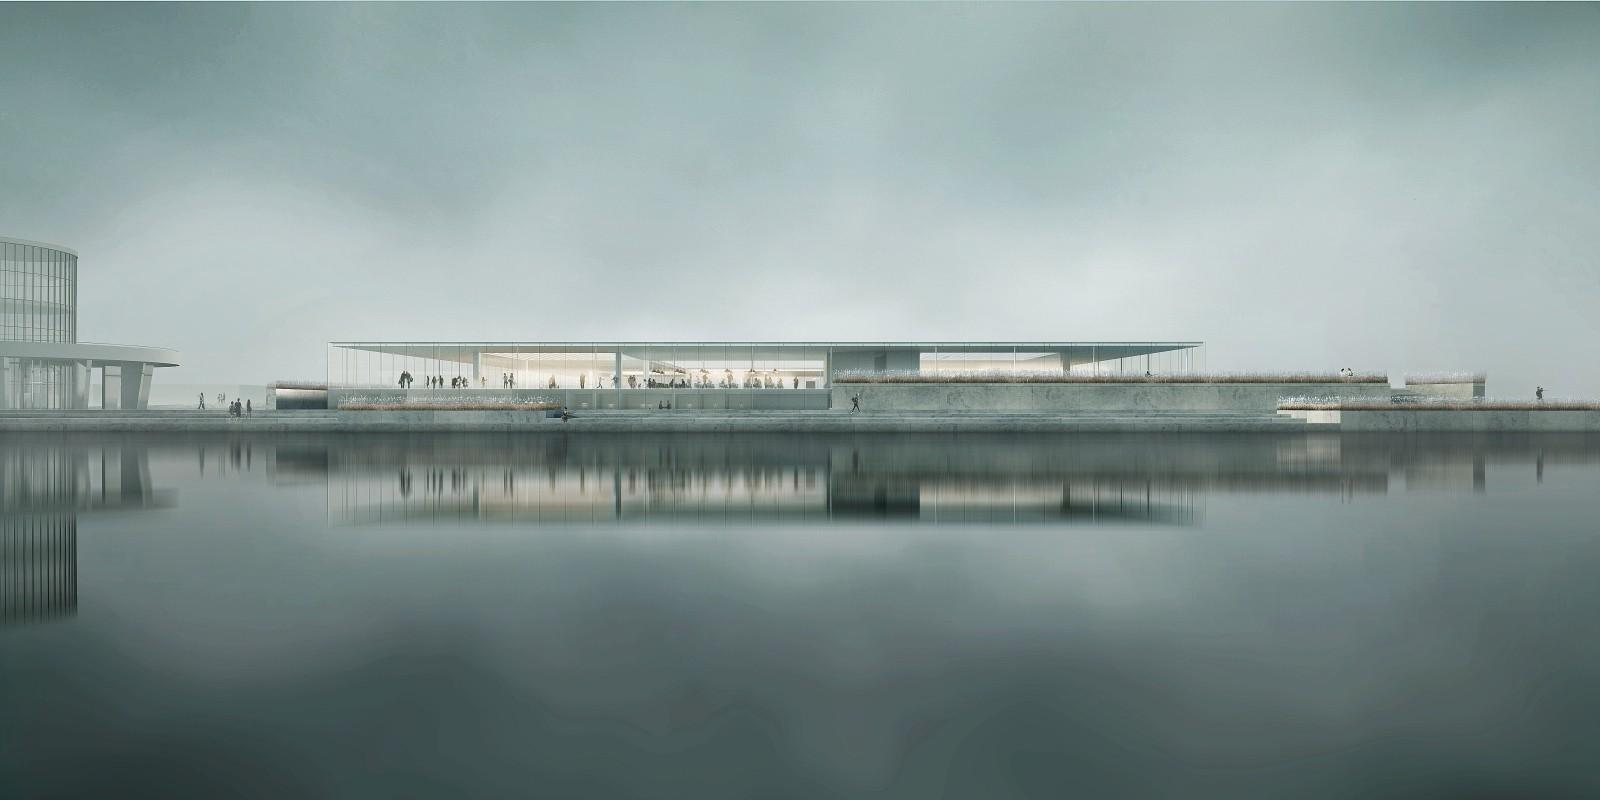 Propuesta para un nuevo acuario en Gdynia de Mikolai Adamus, © Mikolai Adamus